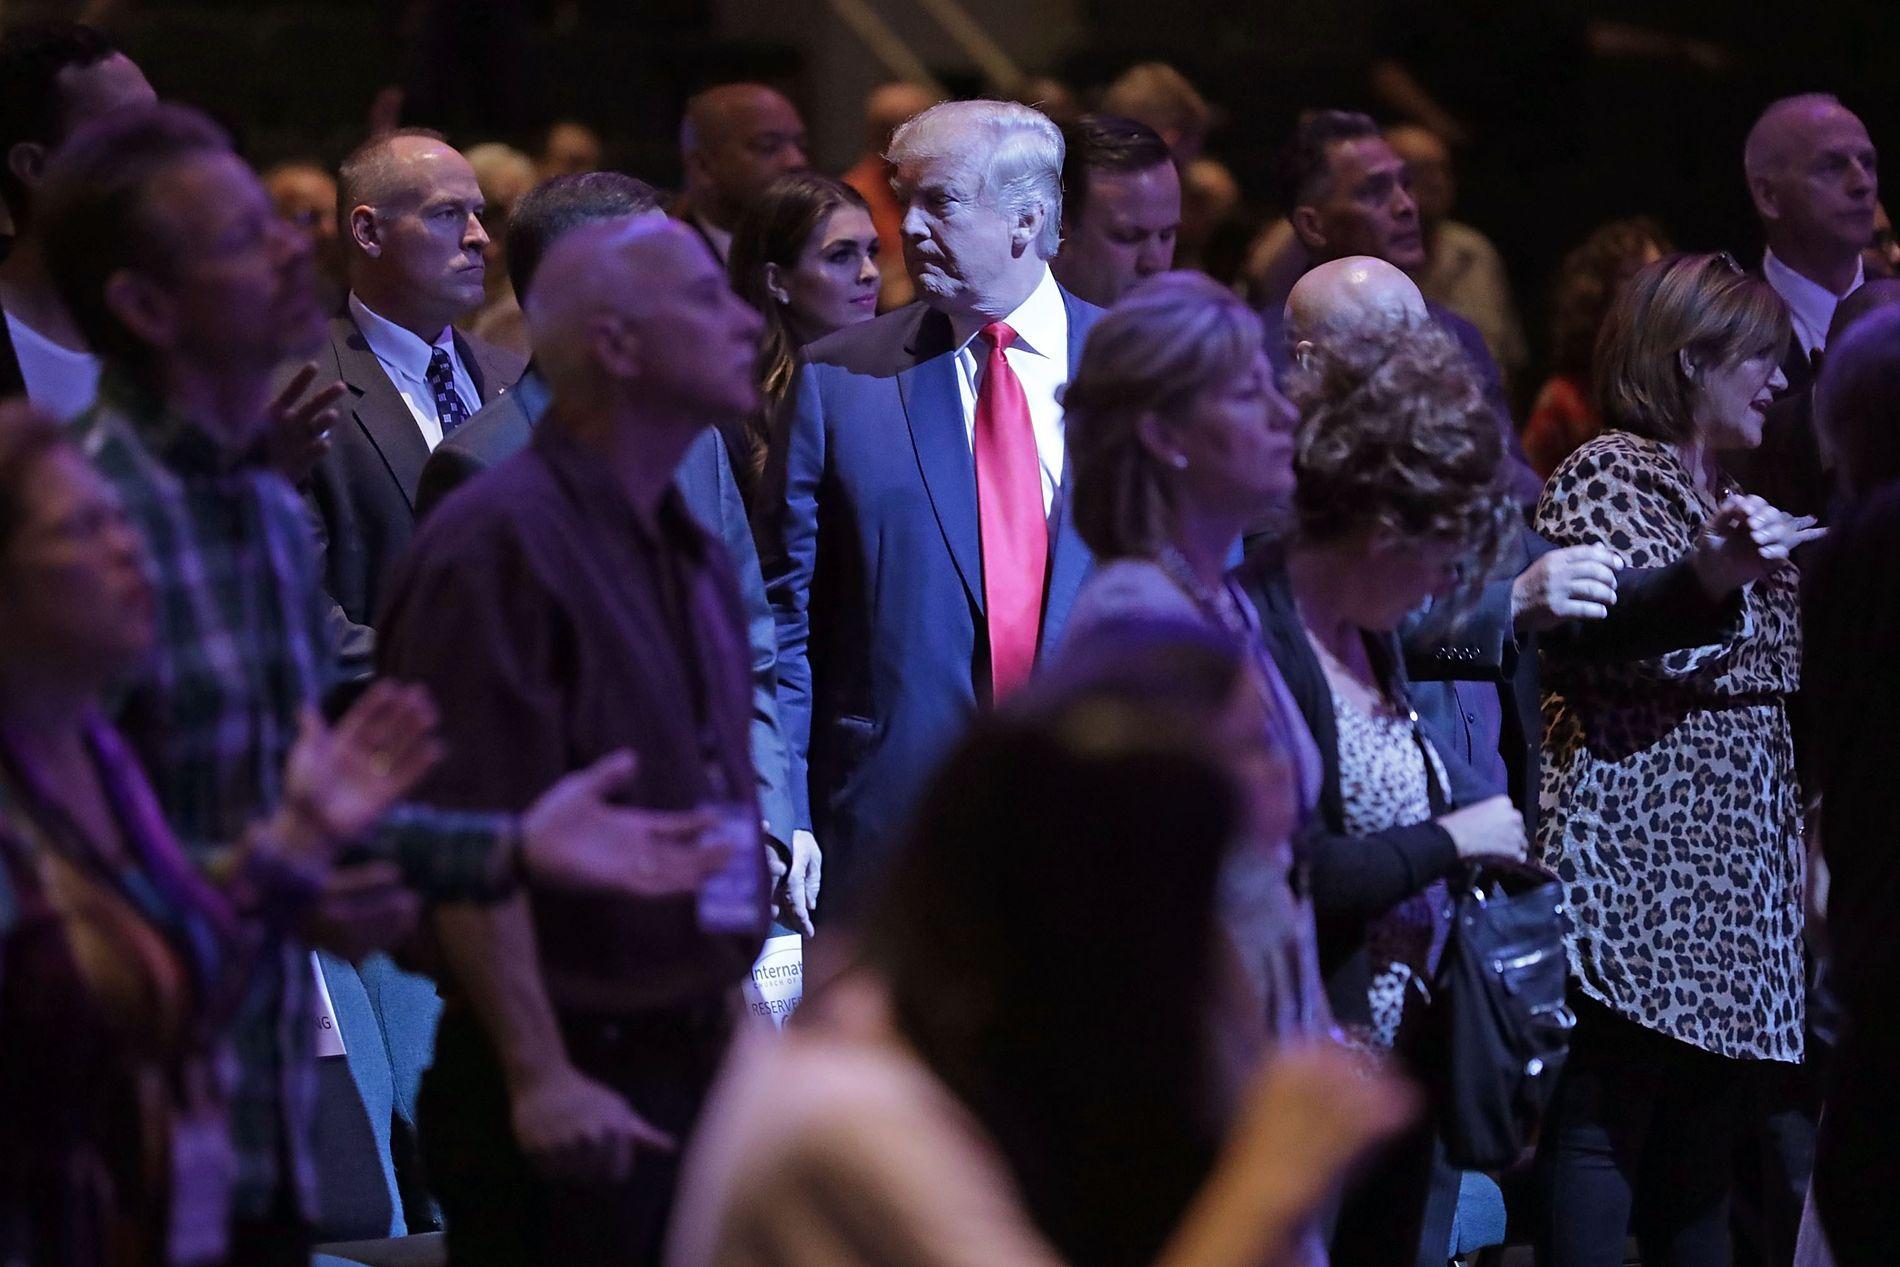 KRISTENDOM: –  I USA har menighetene knyttet til evangelikalisme vært tradisjonelle støttespillere for det republikanske partiet. Det er ikke forandret selv om kandidaten i år var Donald Trump, som ingen kan påstå er noe englebarn, skriver kronikkforfatteren. Bildet er fra et valgkampmøte i International Church of Las Vegas.